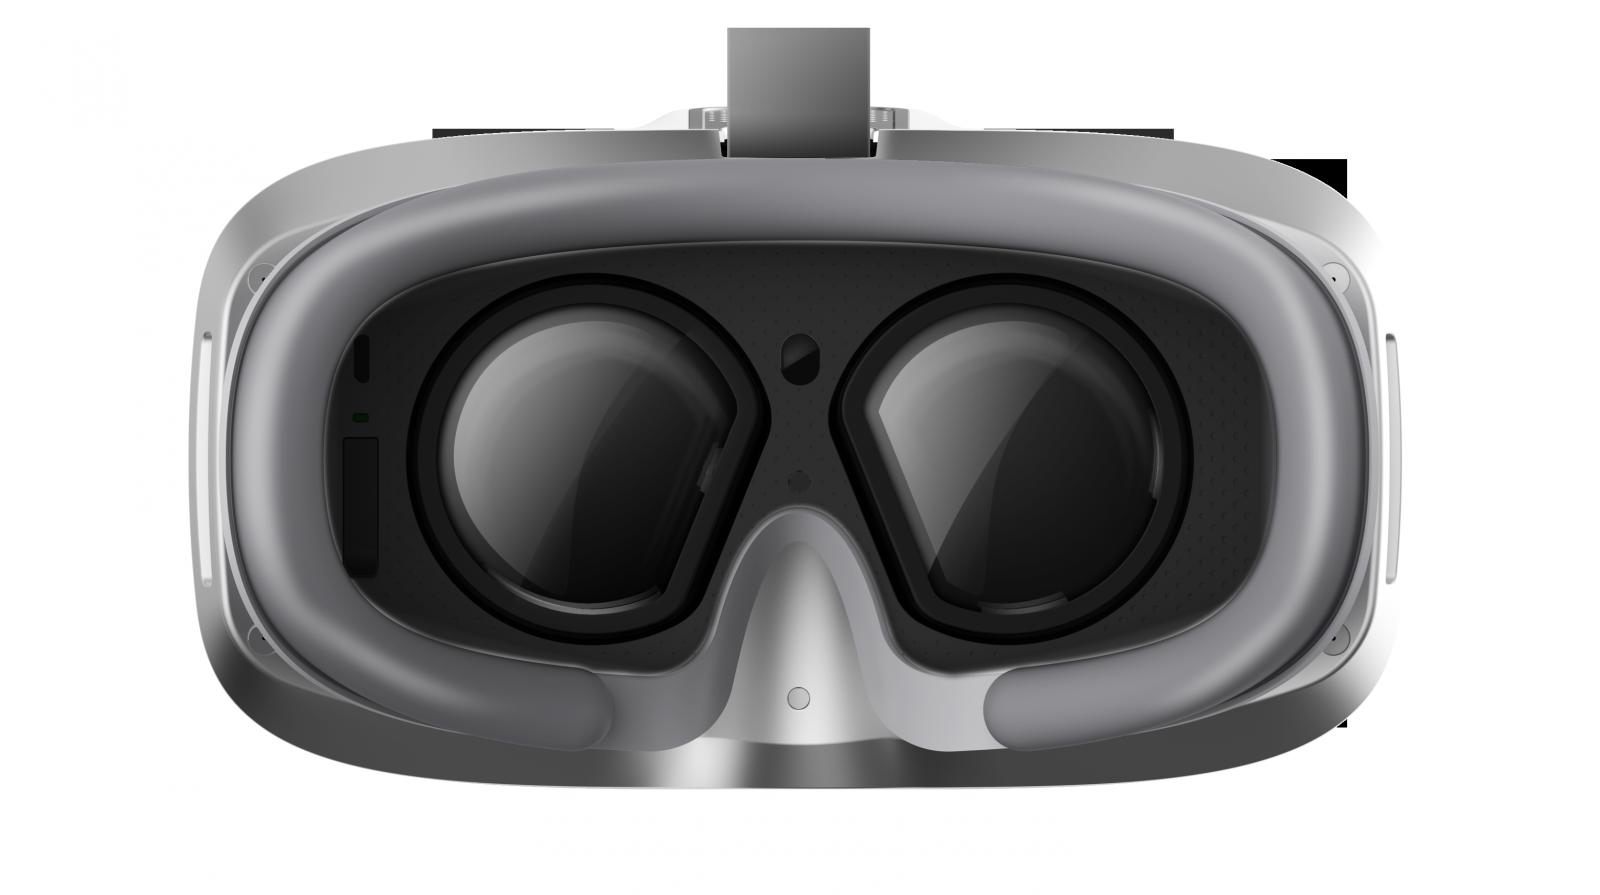 Alcatel Vision goggles